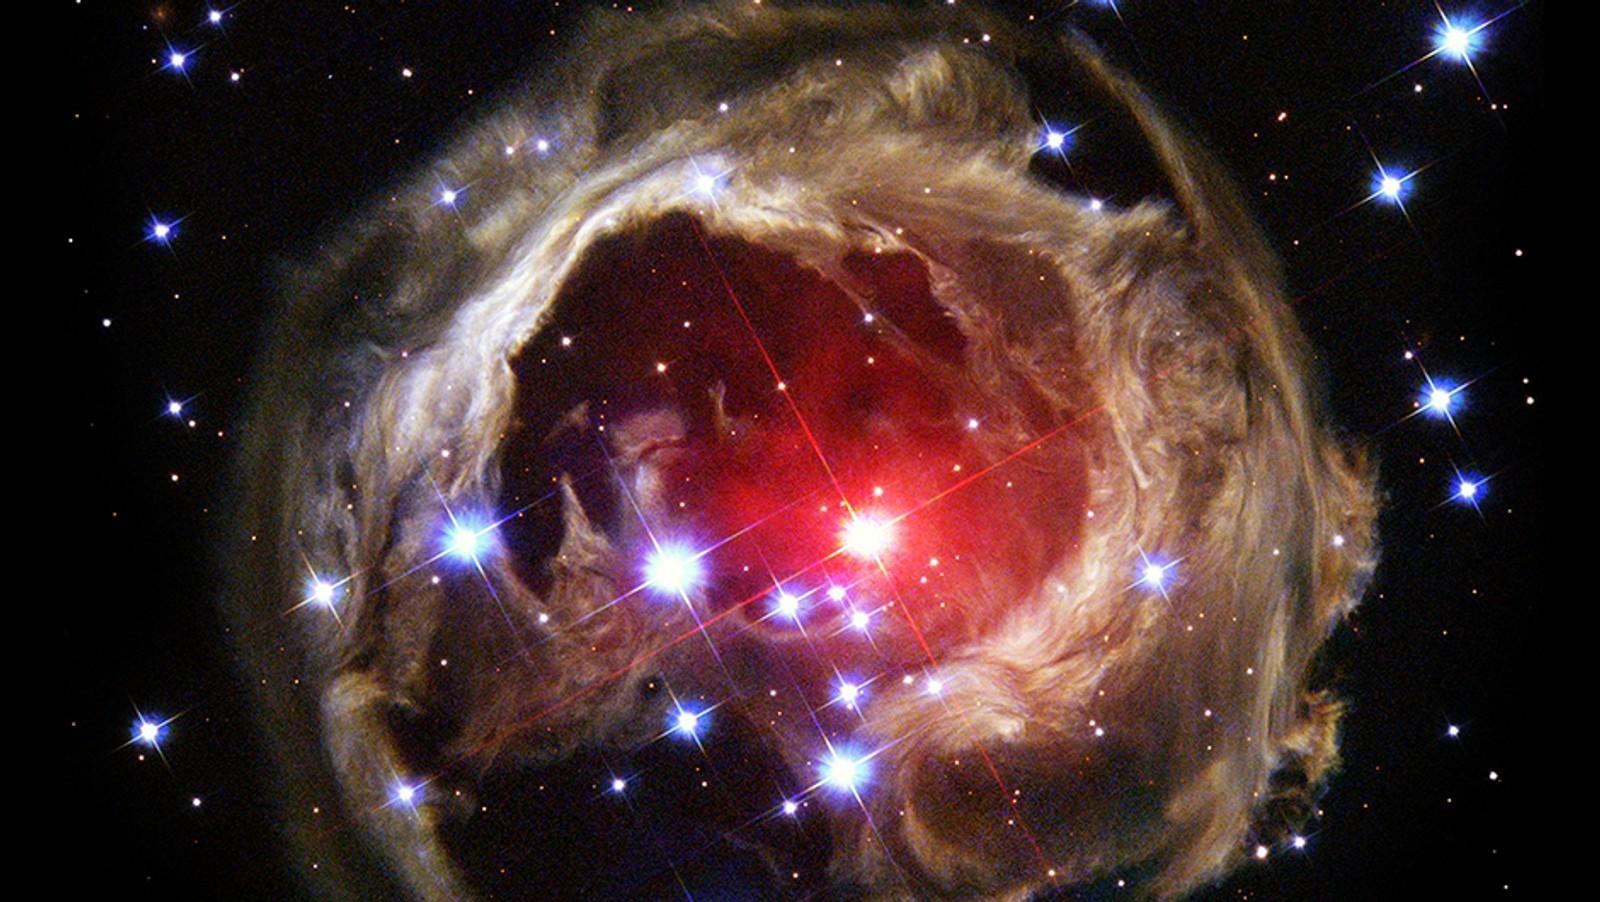 V838 Monocerotis.